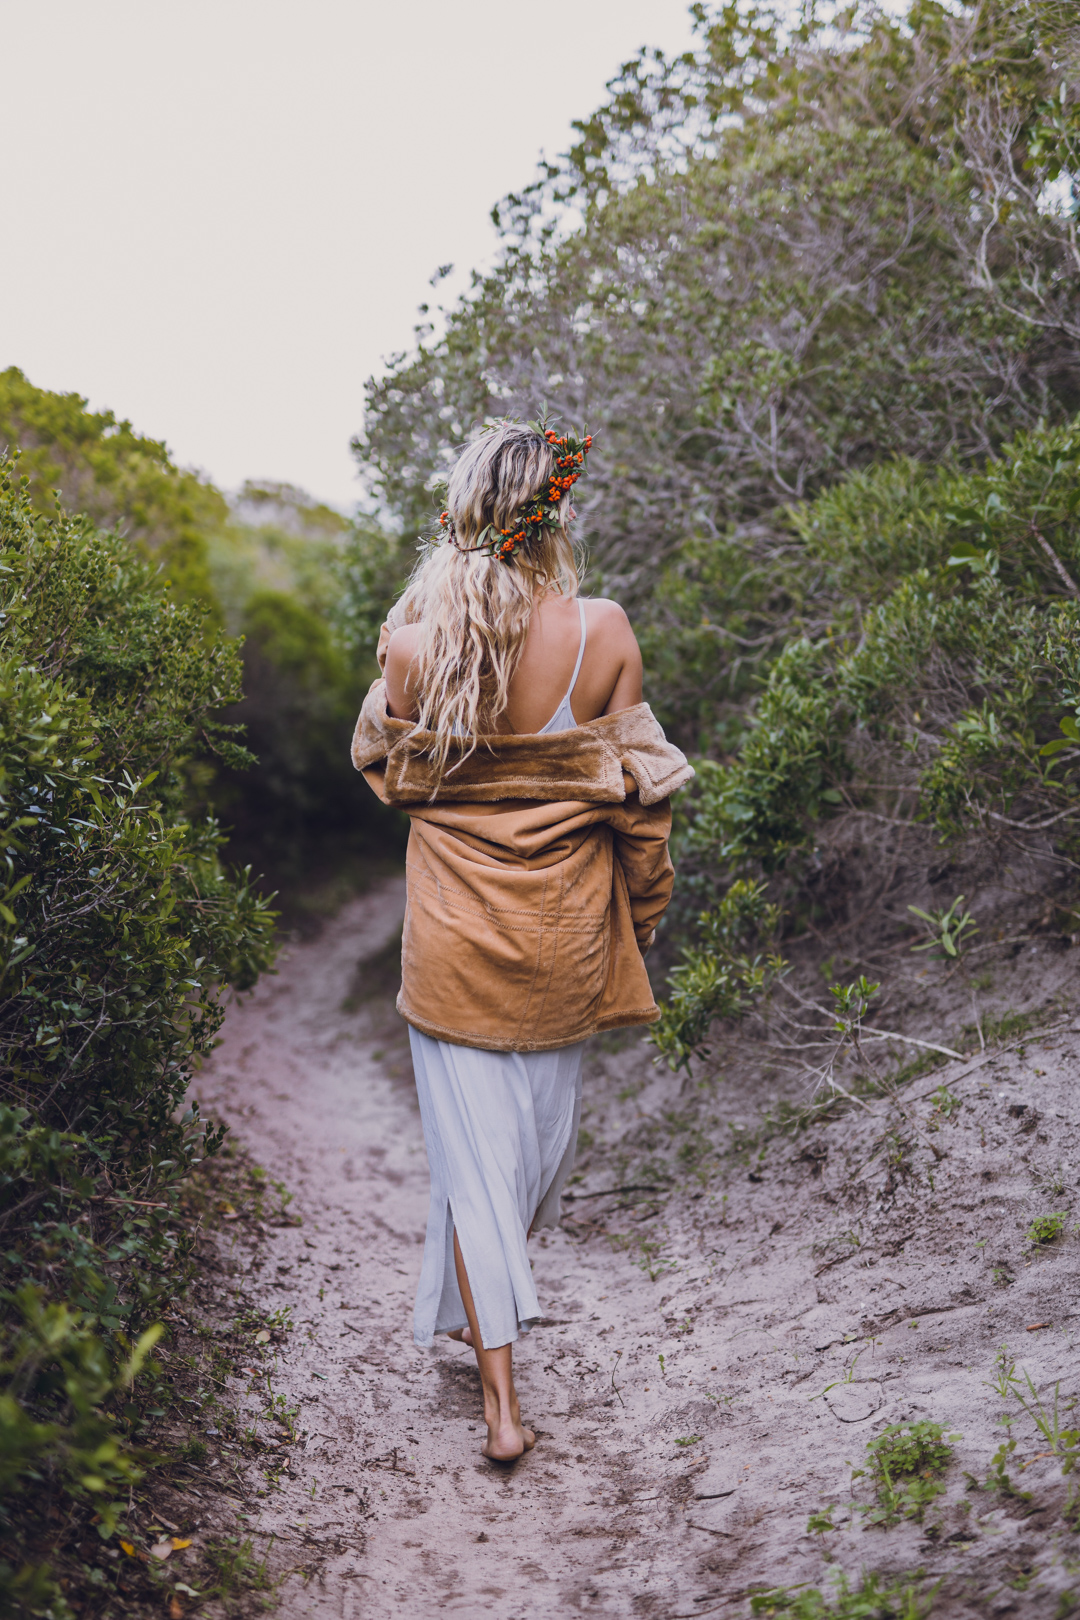 Tyler Moolman Woodland Forest Portrait - Cape Town, South Africa - Cape Image Co. by Ken Treloar-SML-7.jpg